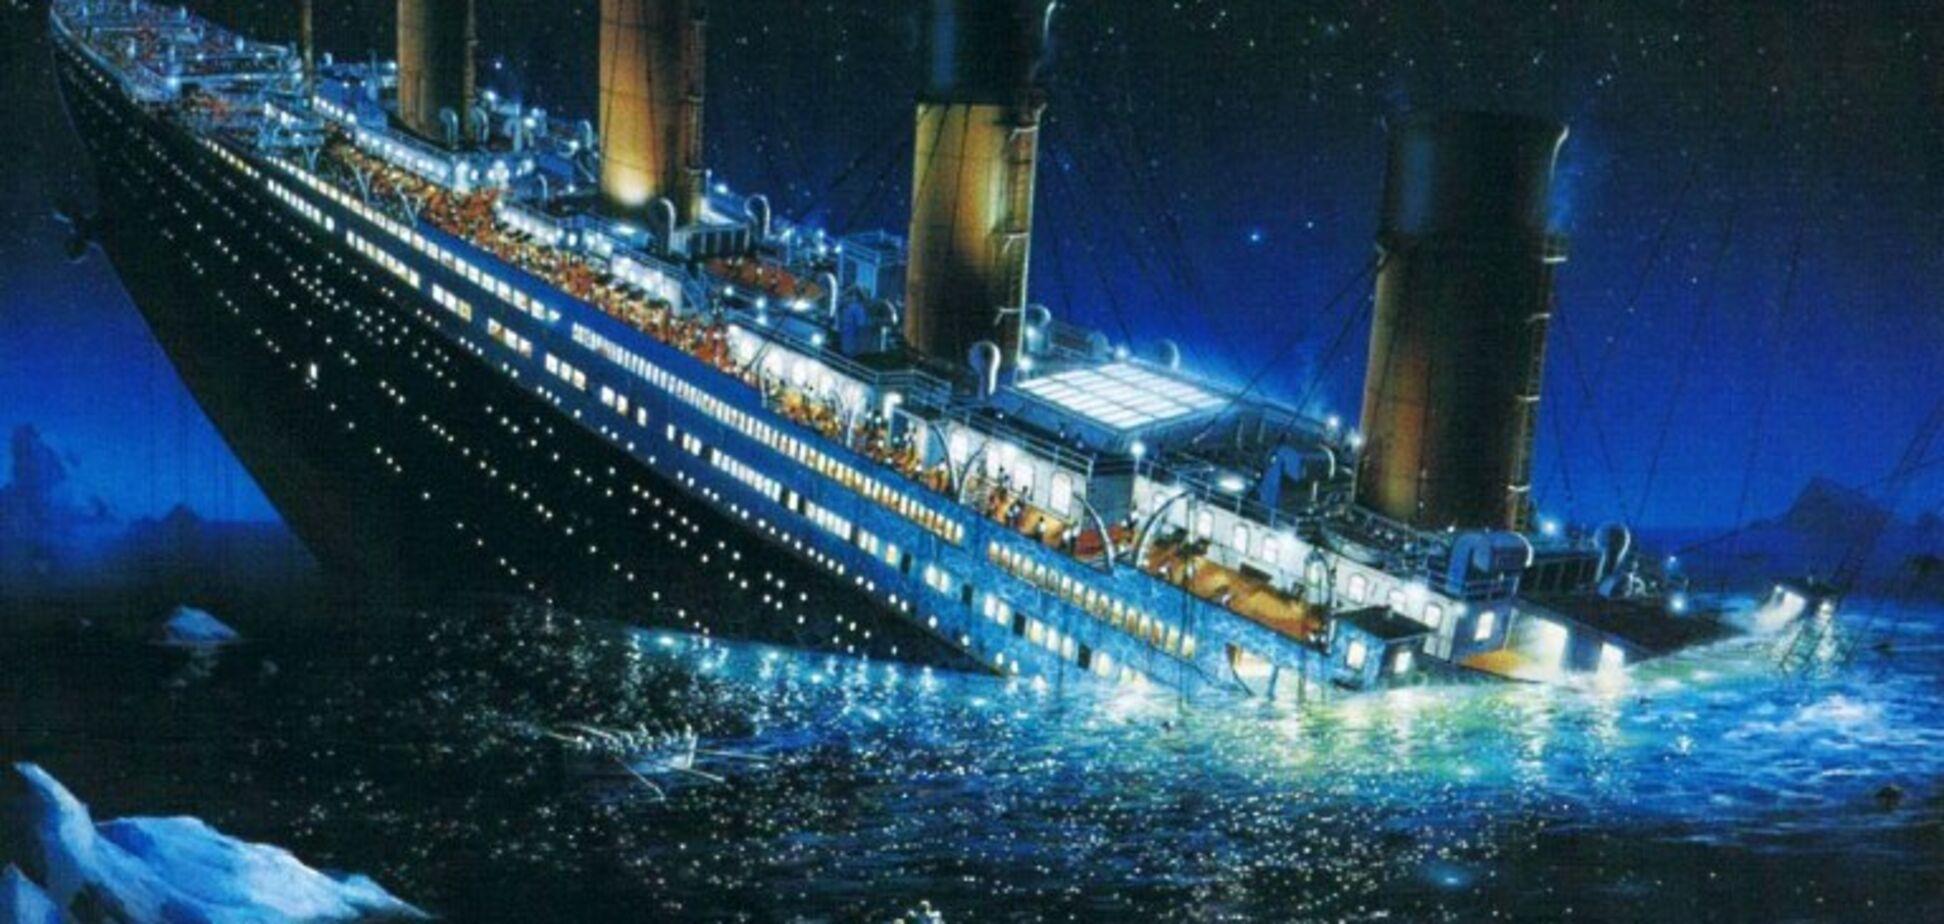 Пара засняла привидение с 'Титаника': невероятное фото